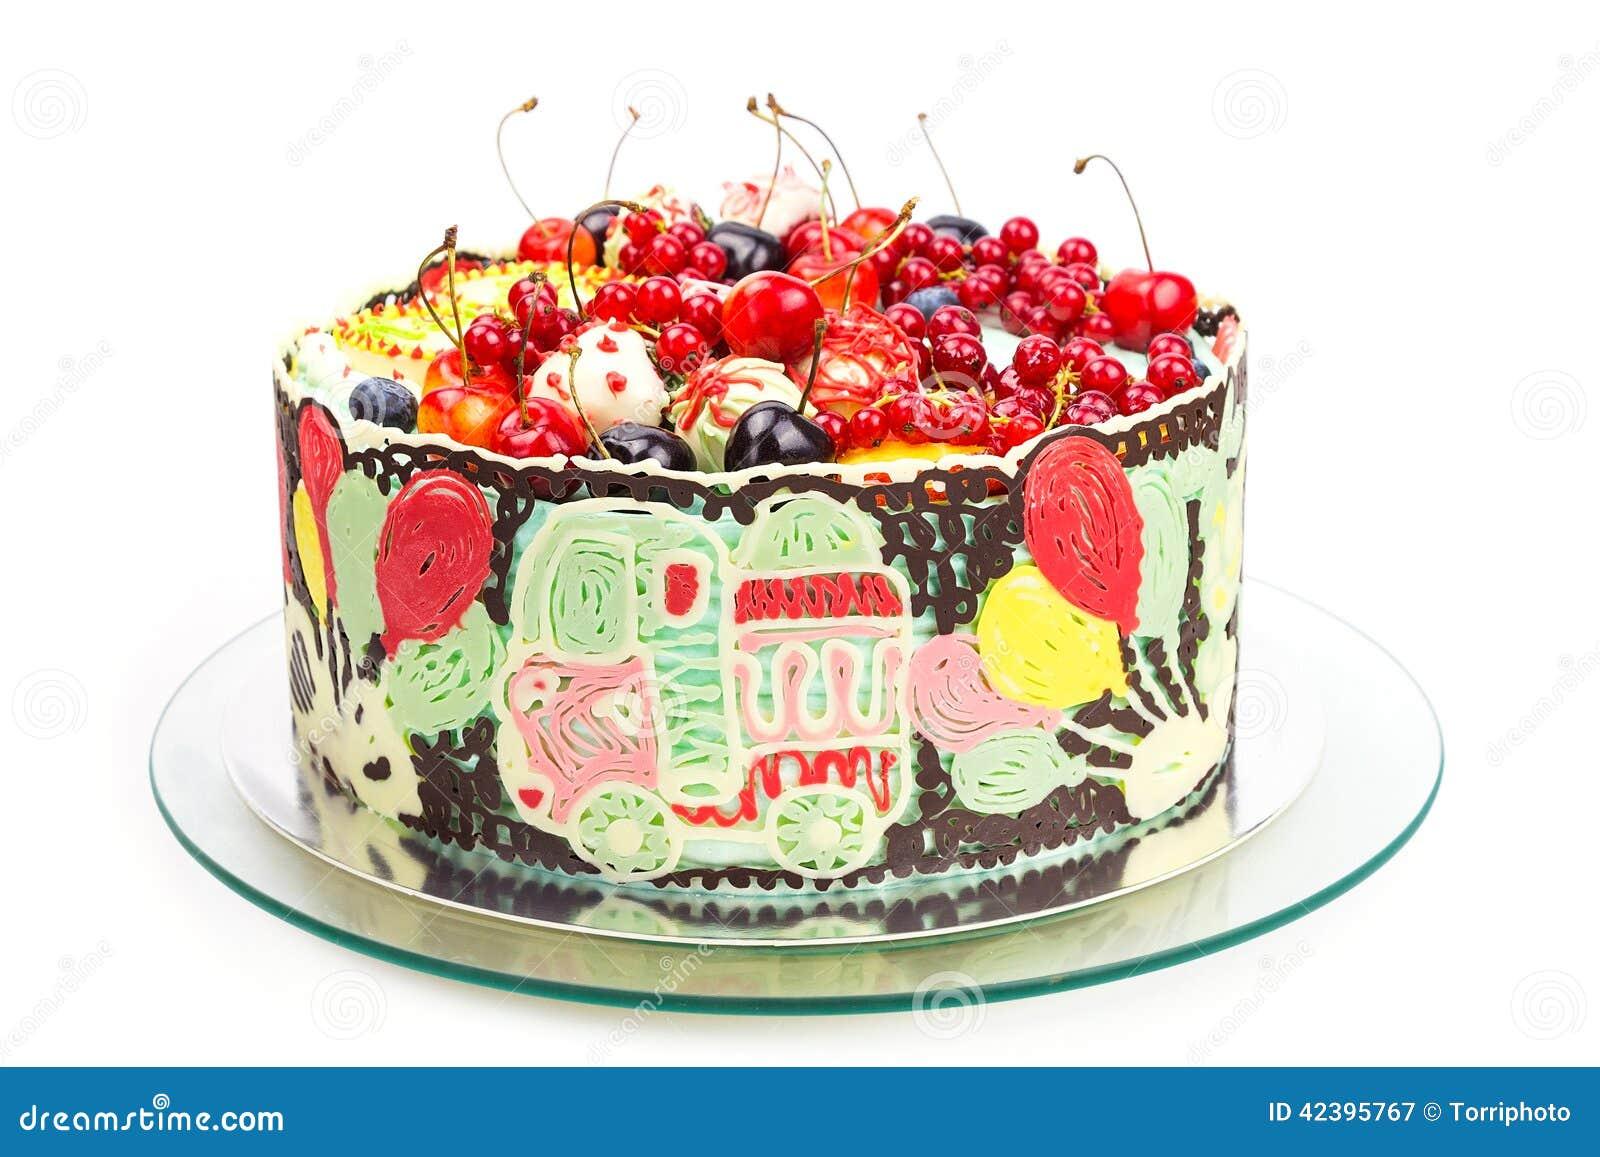 Bunter Kuchen Fur Kinderpartei Stockbild Bild Von Hintergrund